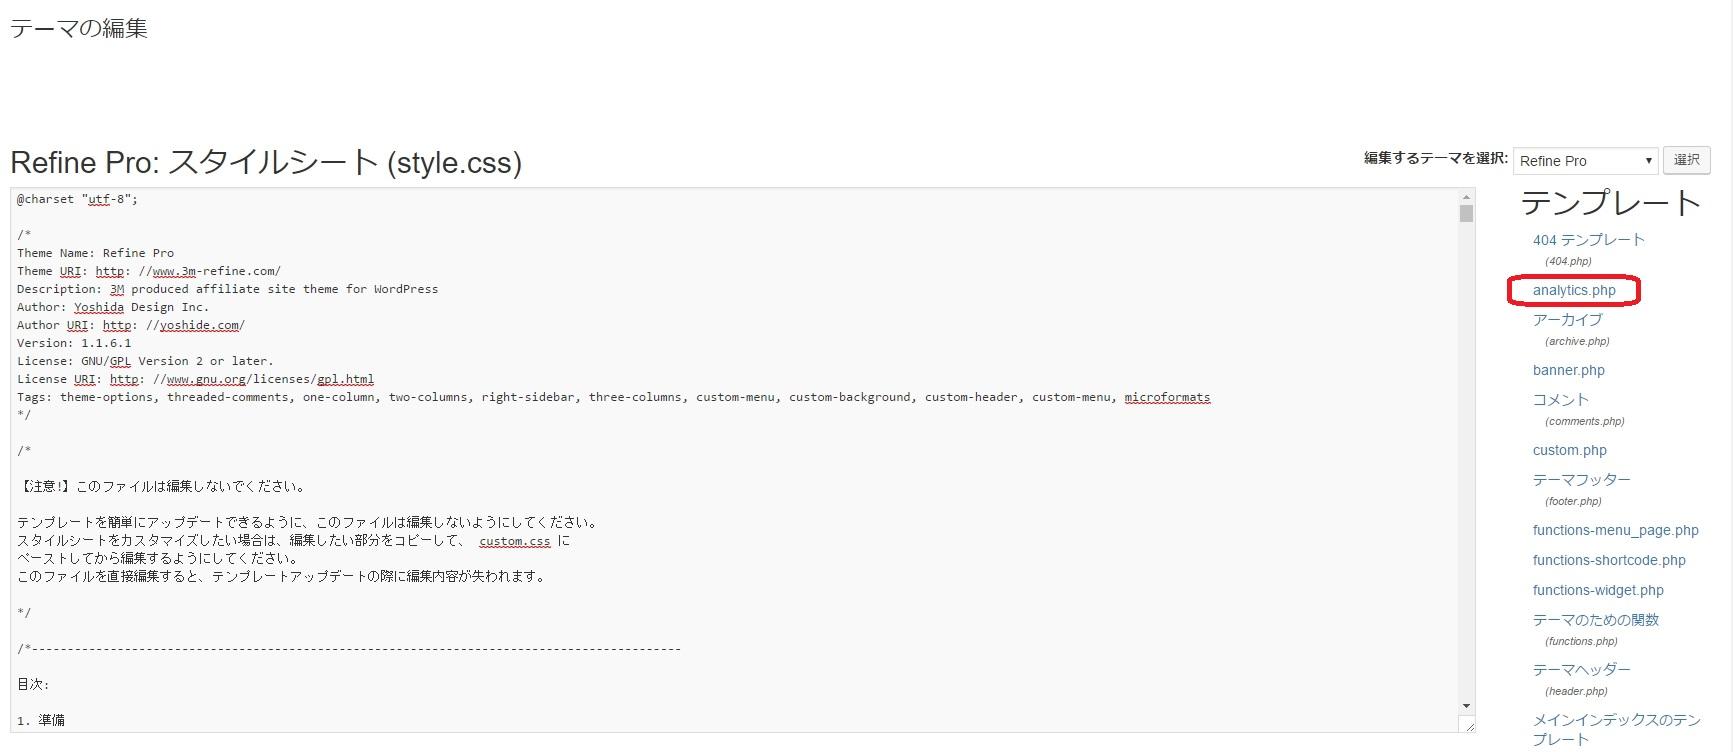 button-only@2x ワードプレスで作ったサイトにアクセス解析(Googleアナリティクス)を設置する方法